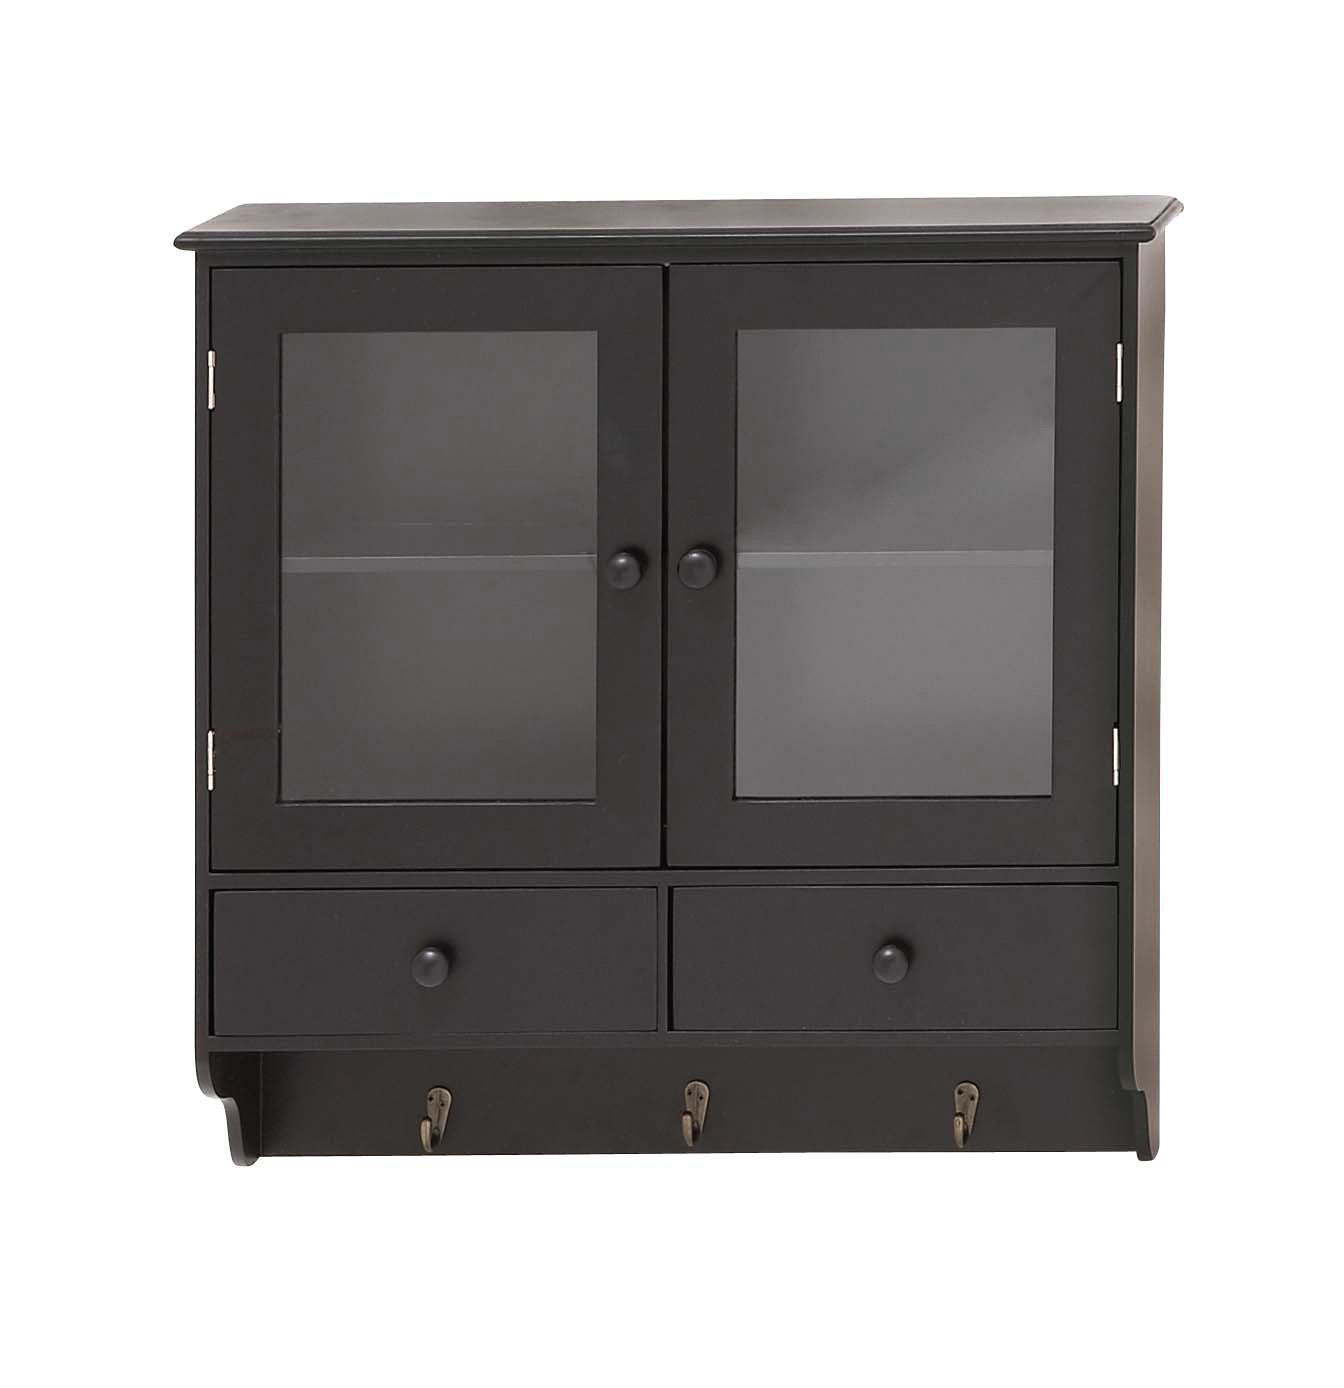 Benzara The Sleek Wood Glass Wall Cabinet 62637